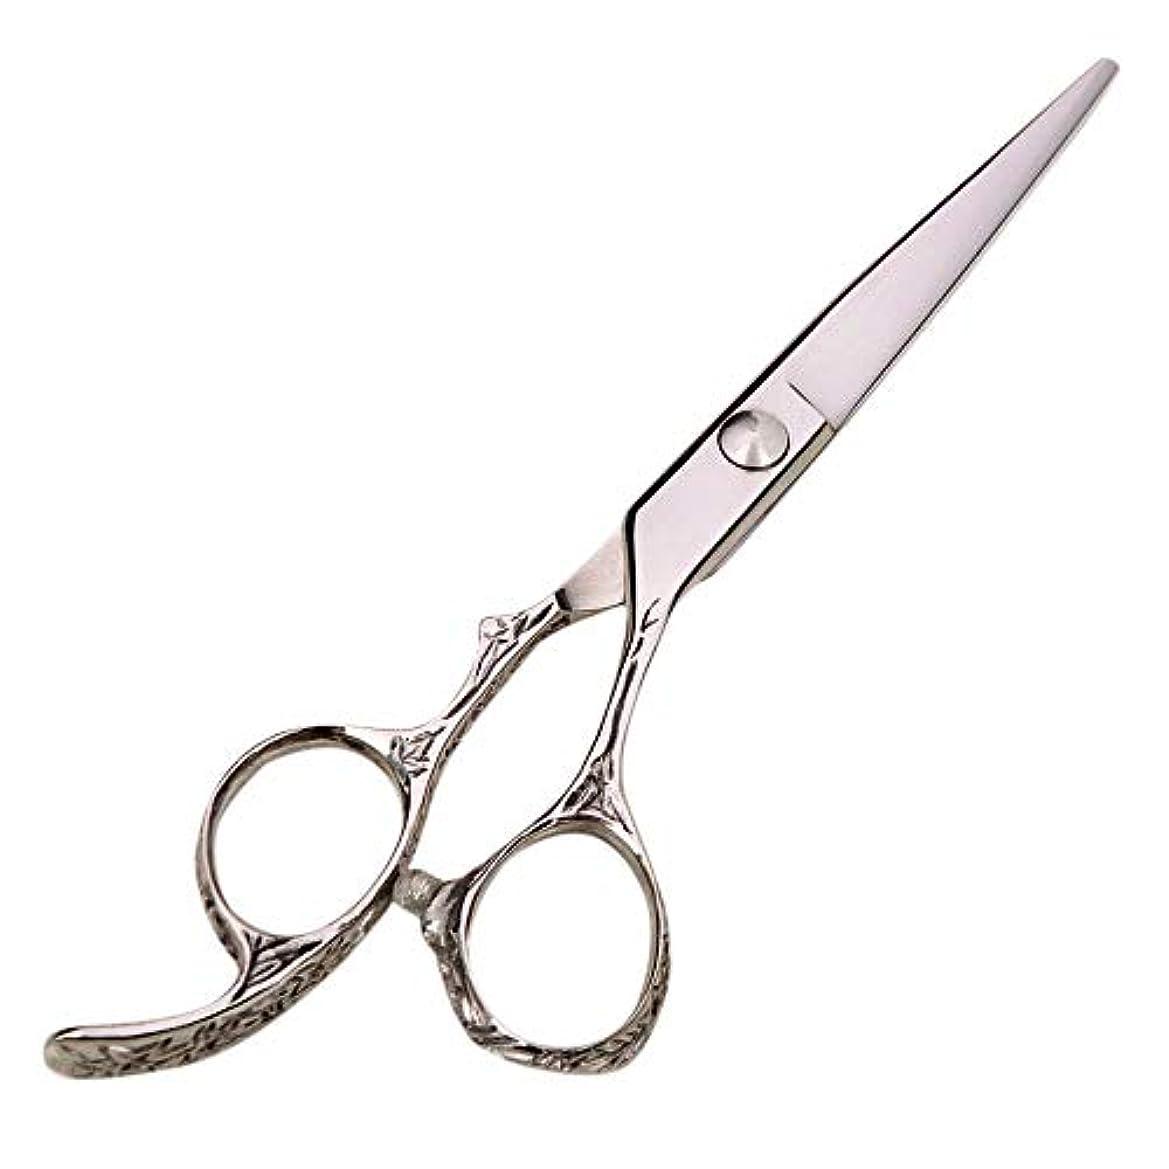 横たわる感性までGoodsok-jp 6インチプロフェッショナルハイエンド理髪はさみヘアサロン理髪ツール (色 : Silver)